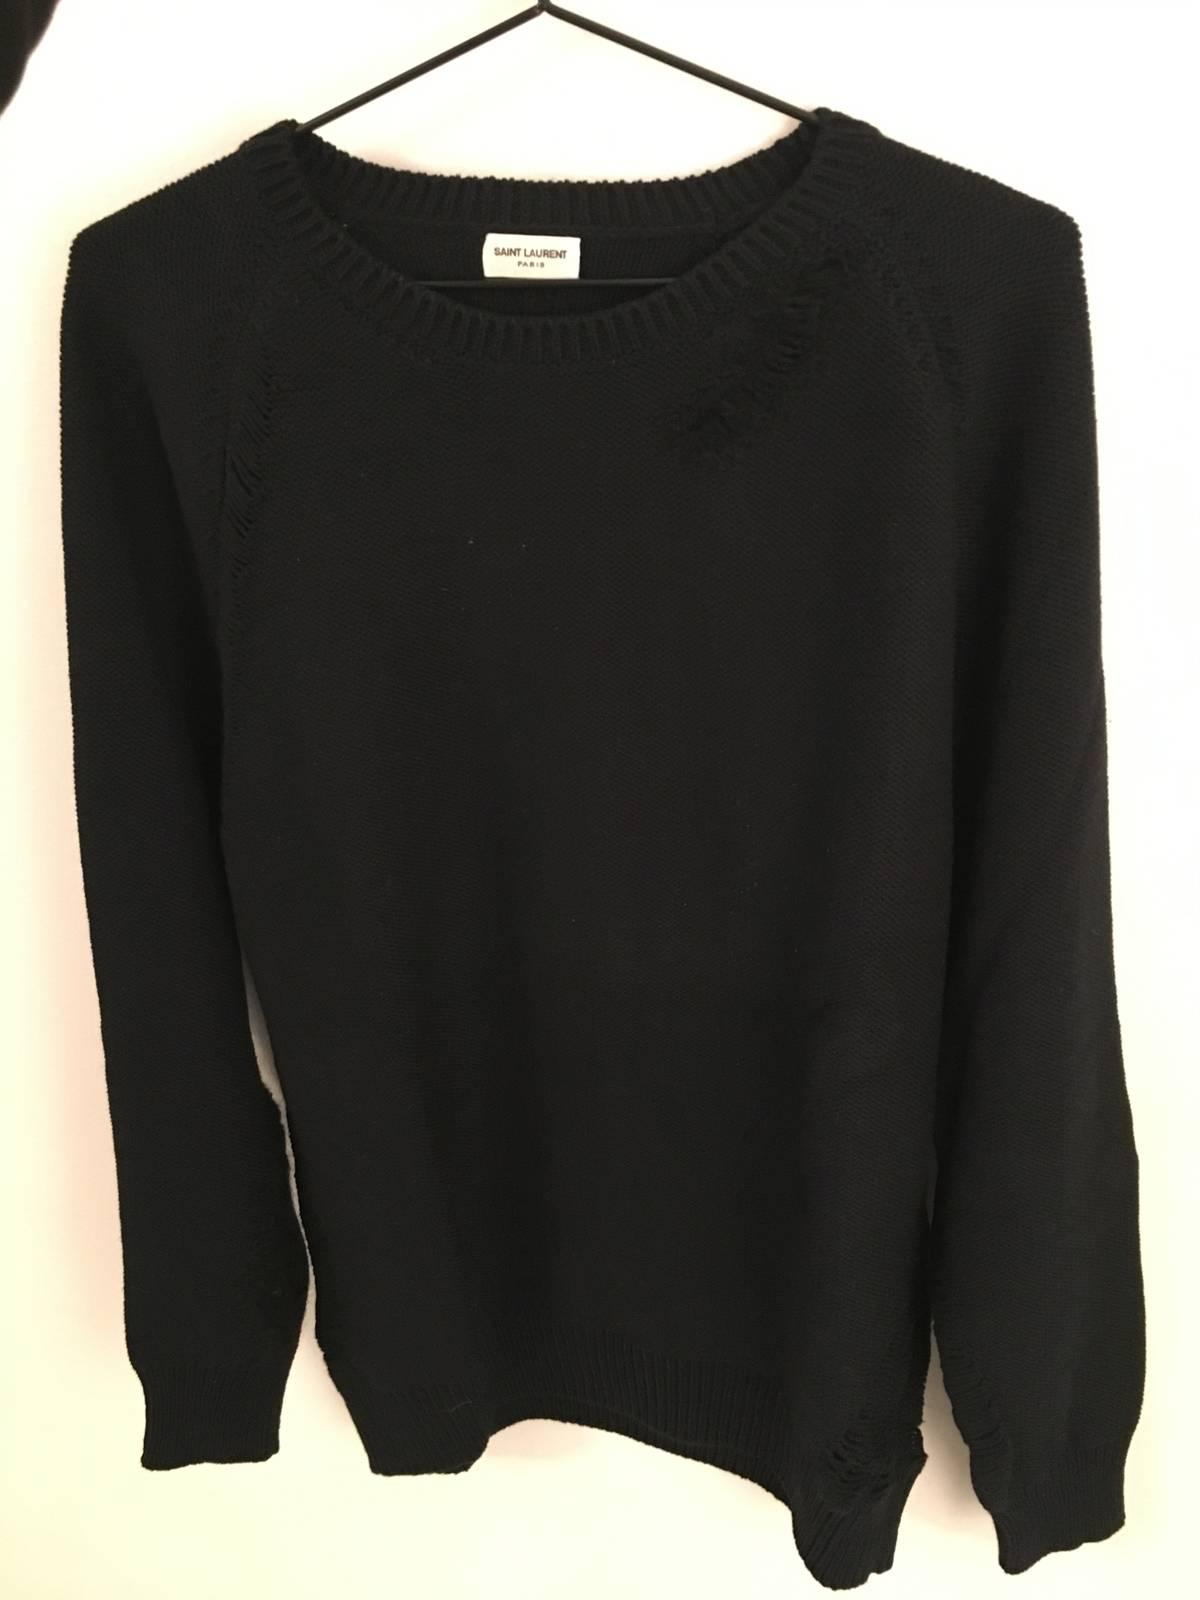 2b0d793788d Saint Laurent Paris Saint Laurent Black Distressed Wool Sweater ...